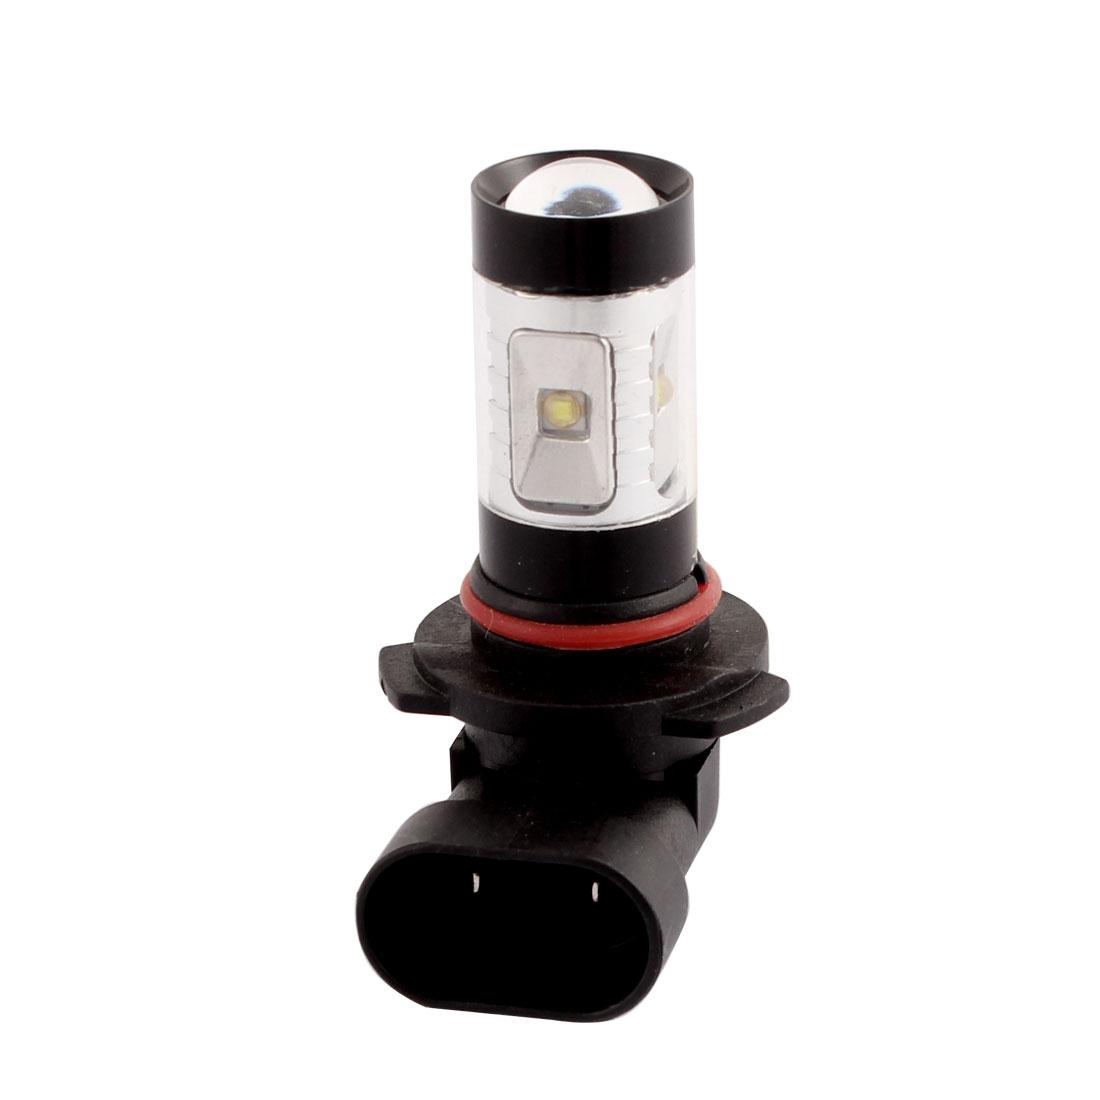 30W 9005 9140 9055 6-LED Fog Light DRL Driving Lamp Bulb White for Car Vehicle